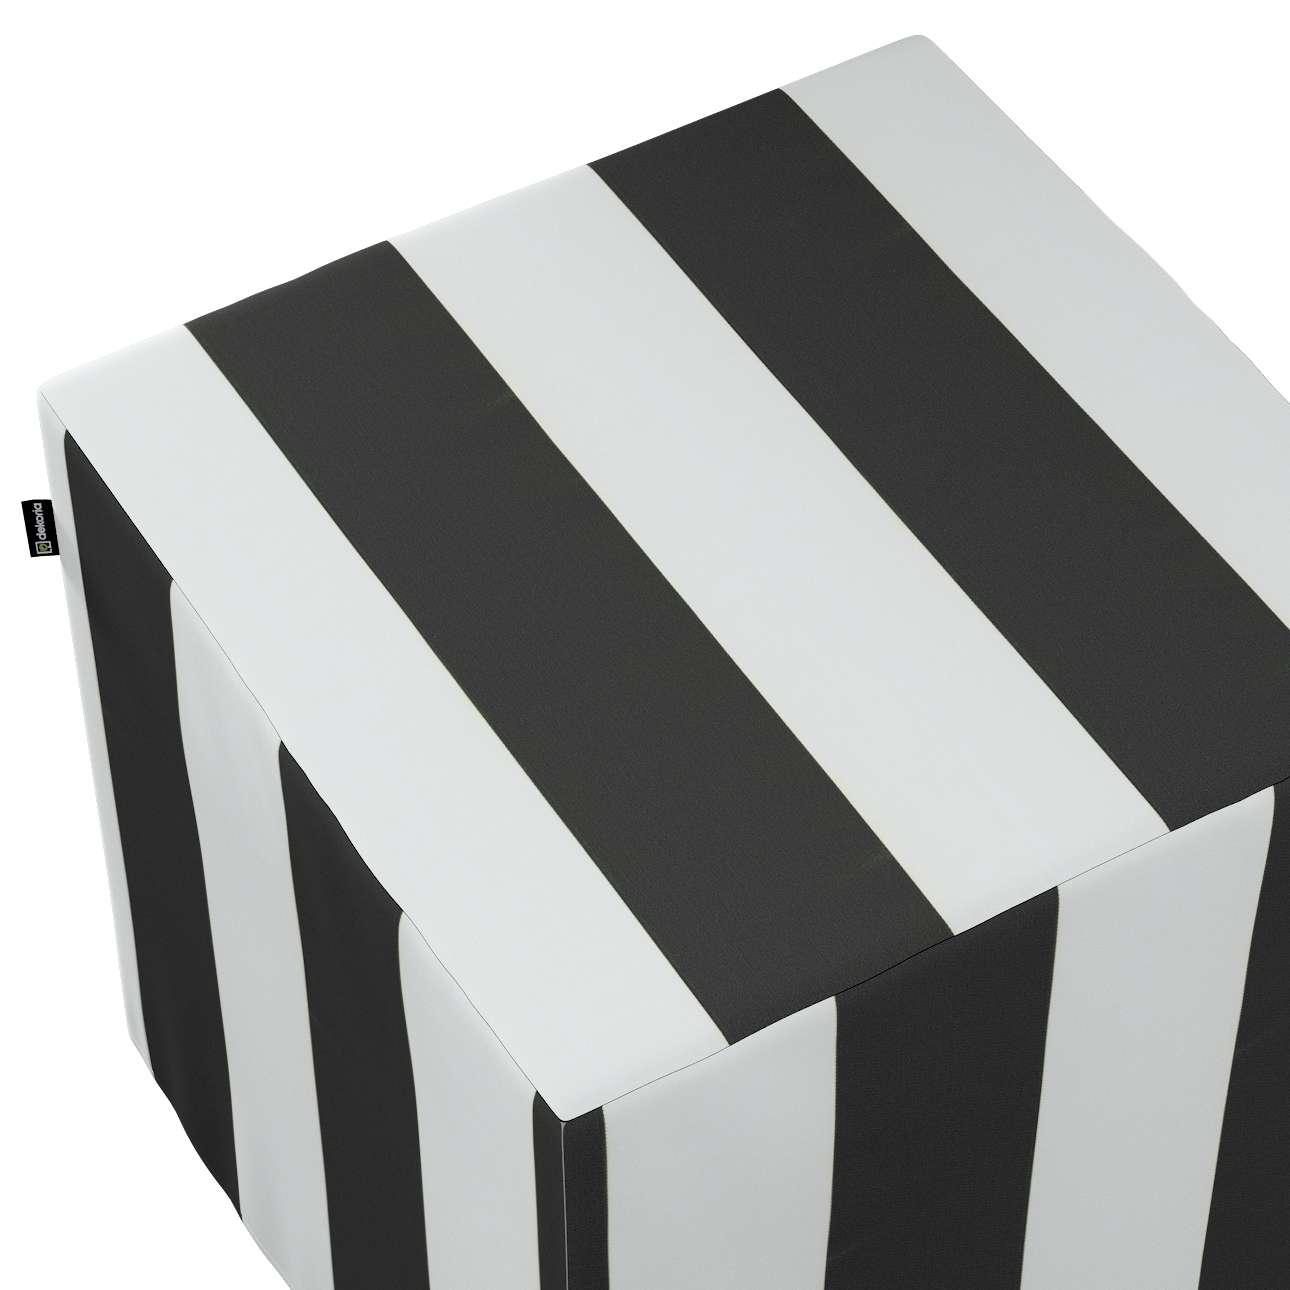 Pokrowiec na pufę kostkę w kolekcji Comics, tkanina: 137-53